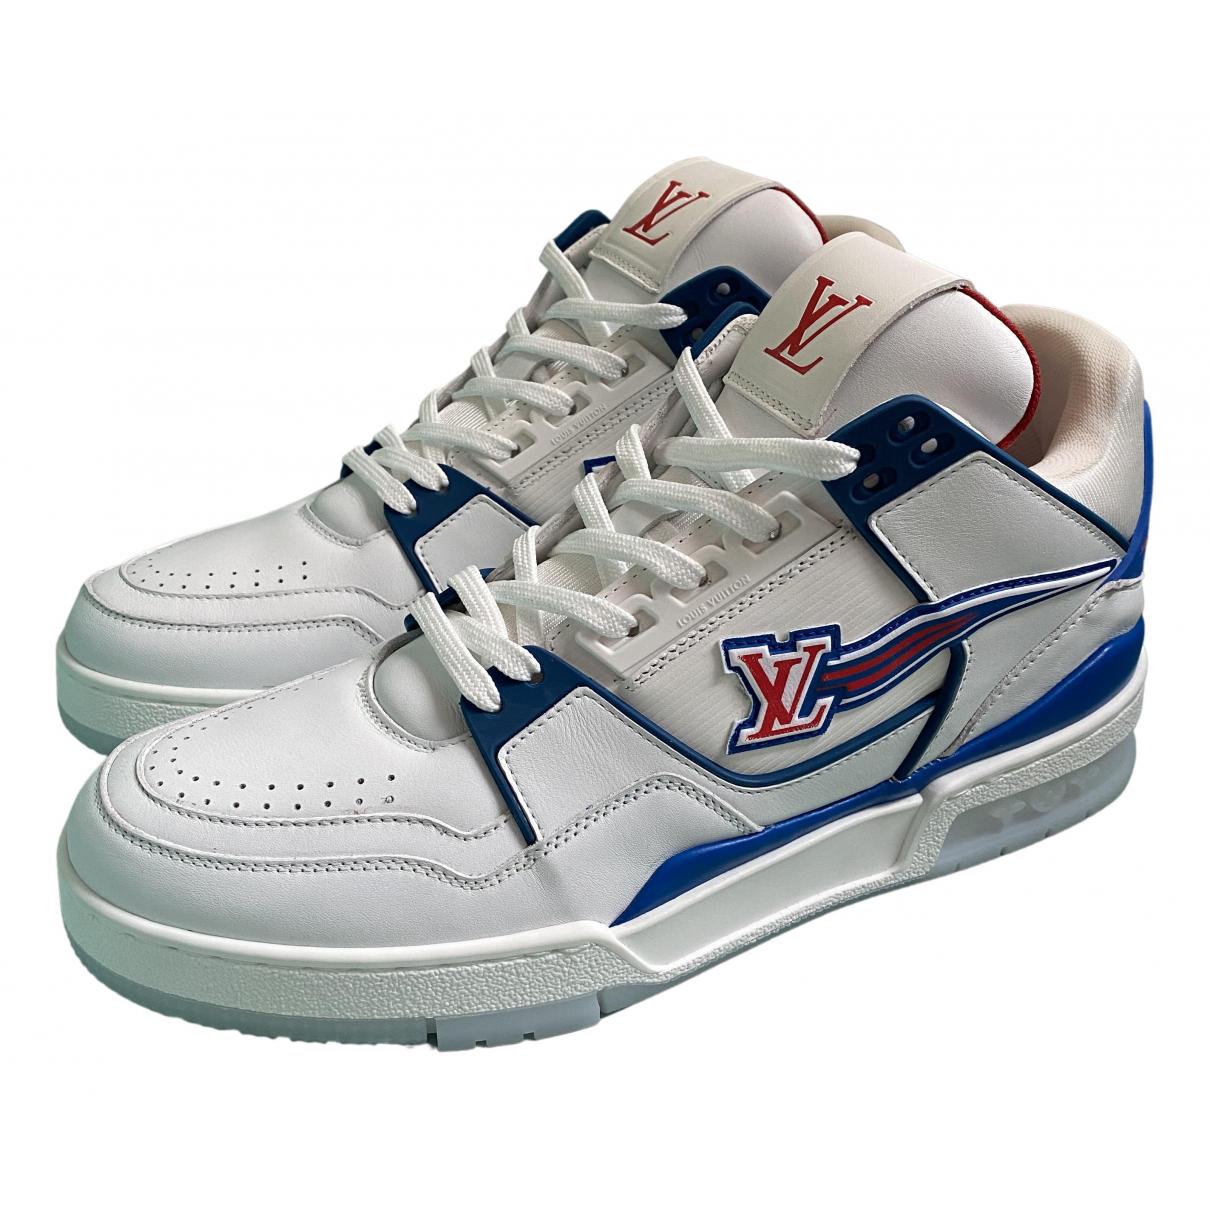 Louis Vuitton - Baskets LV Trainer pour homme en cuir - blanc